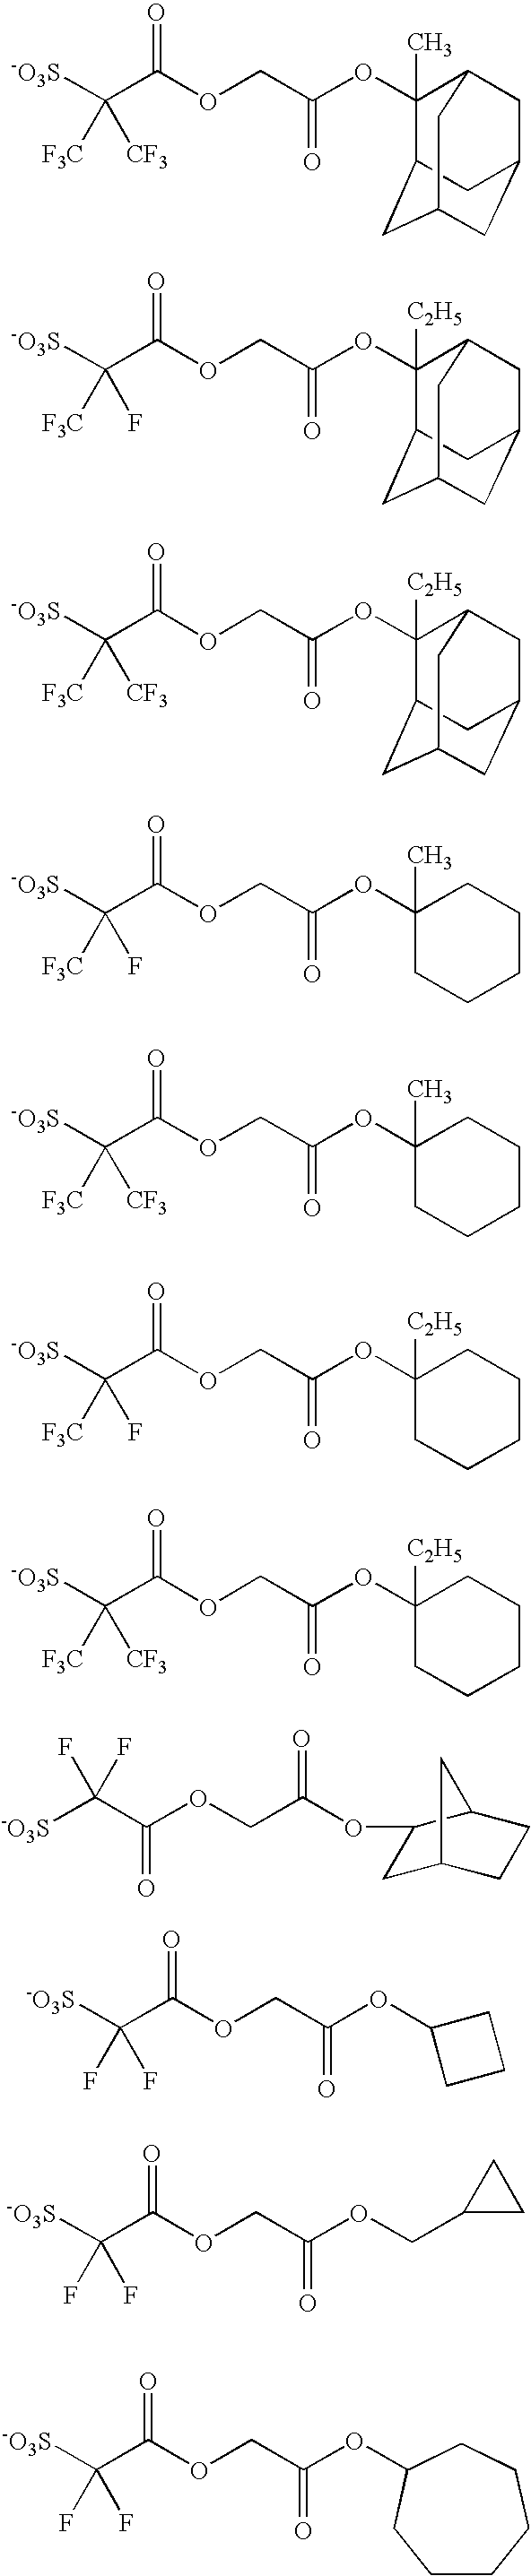 Figure US20100323296A1-20101223-C00110